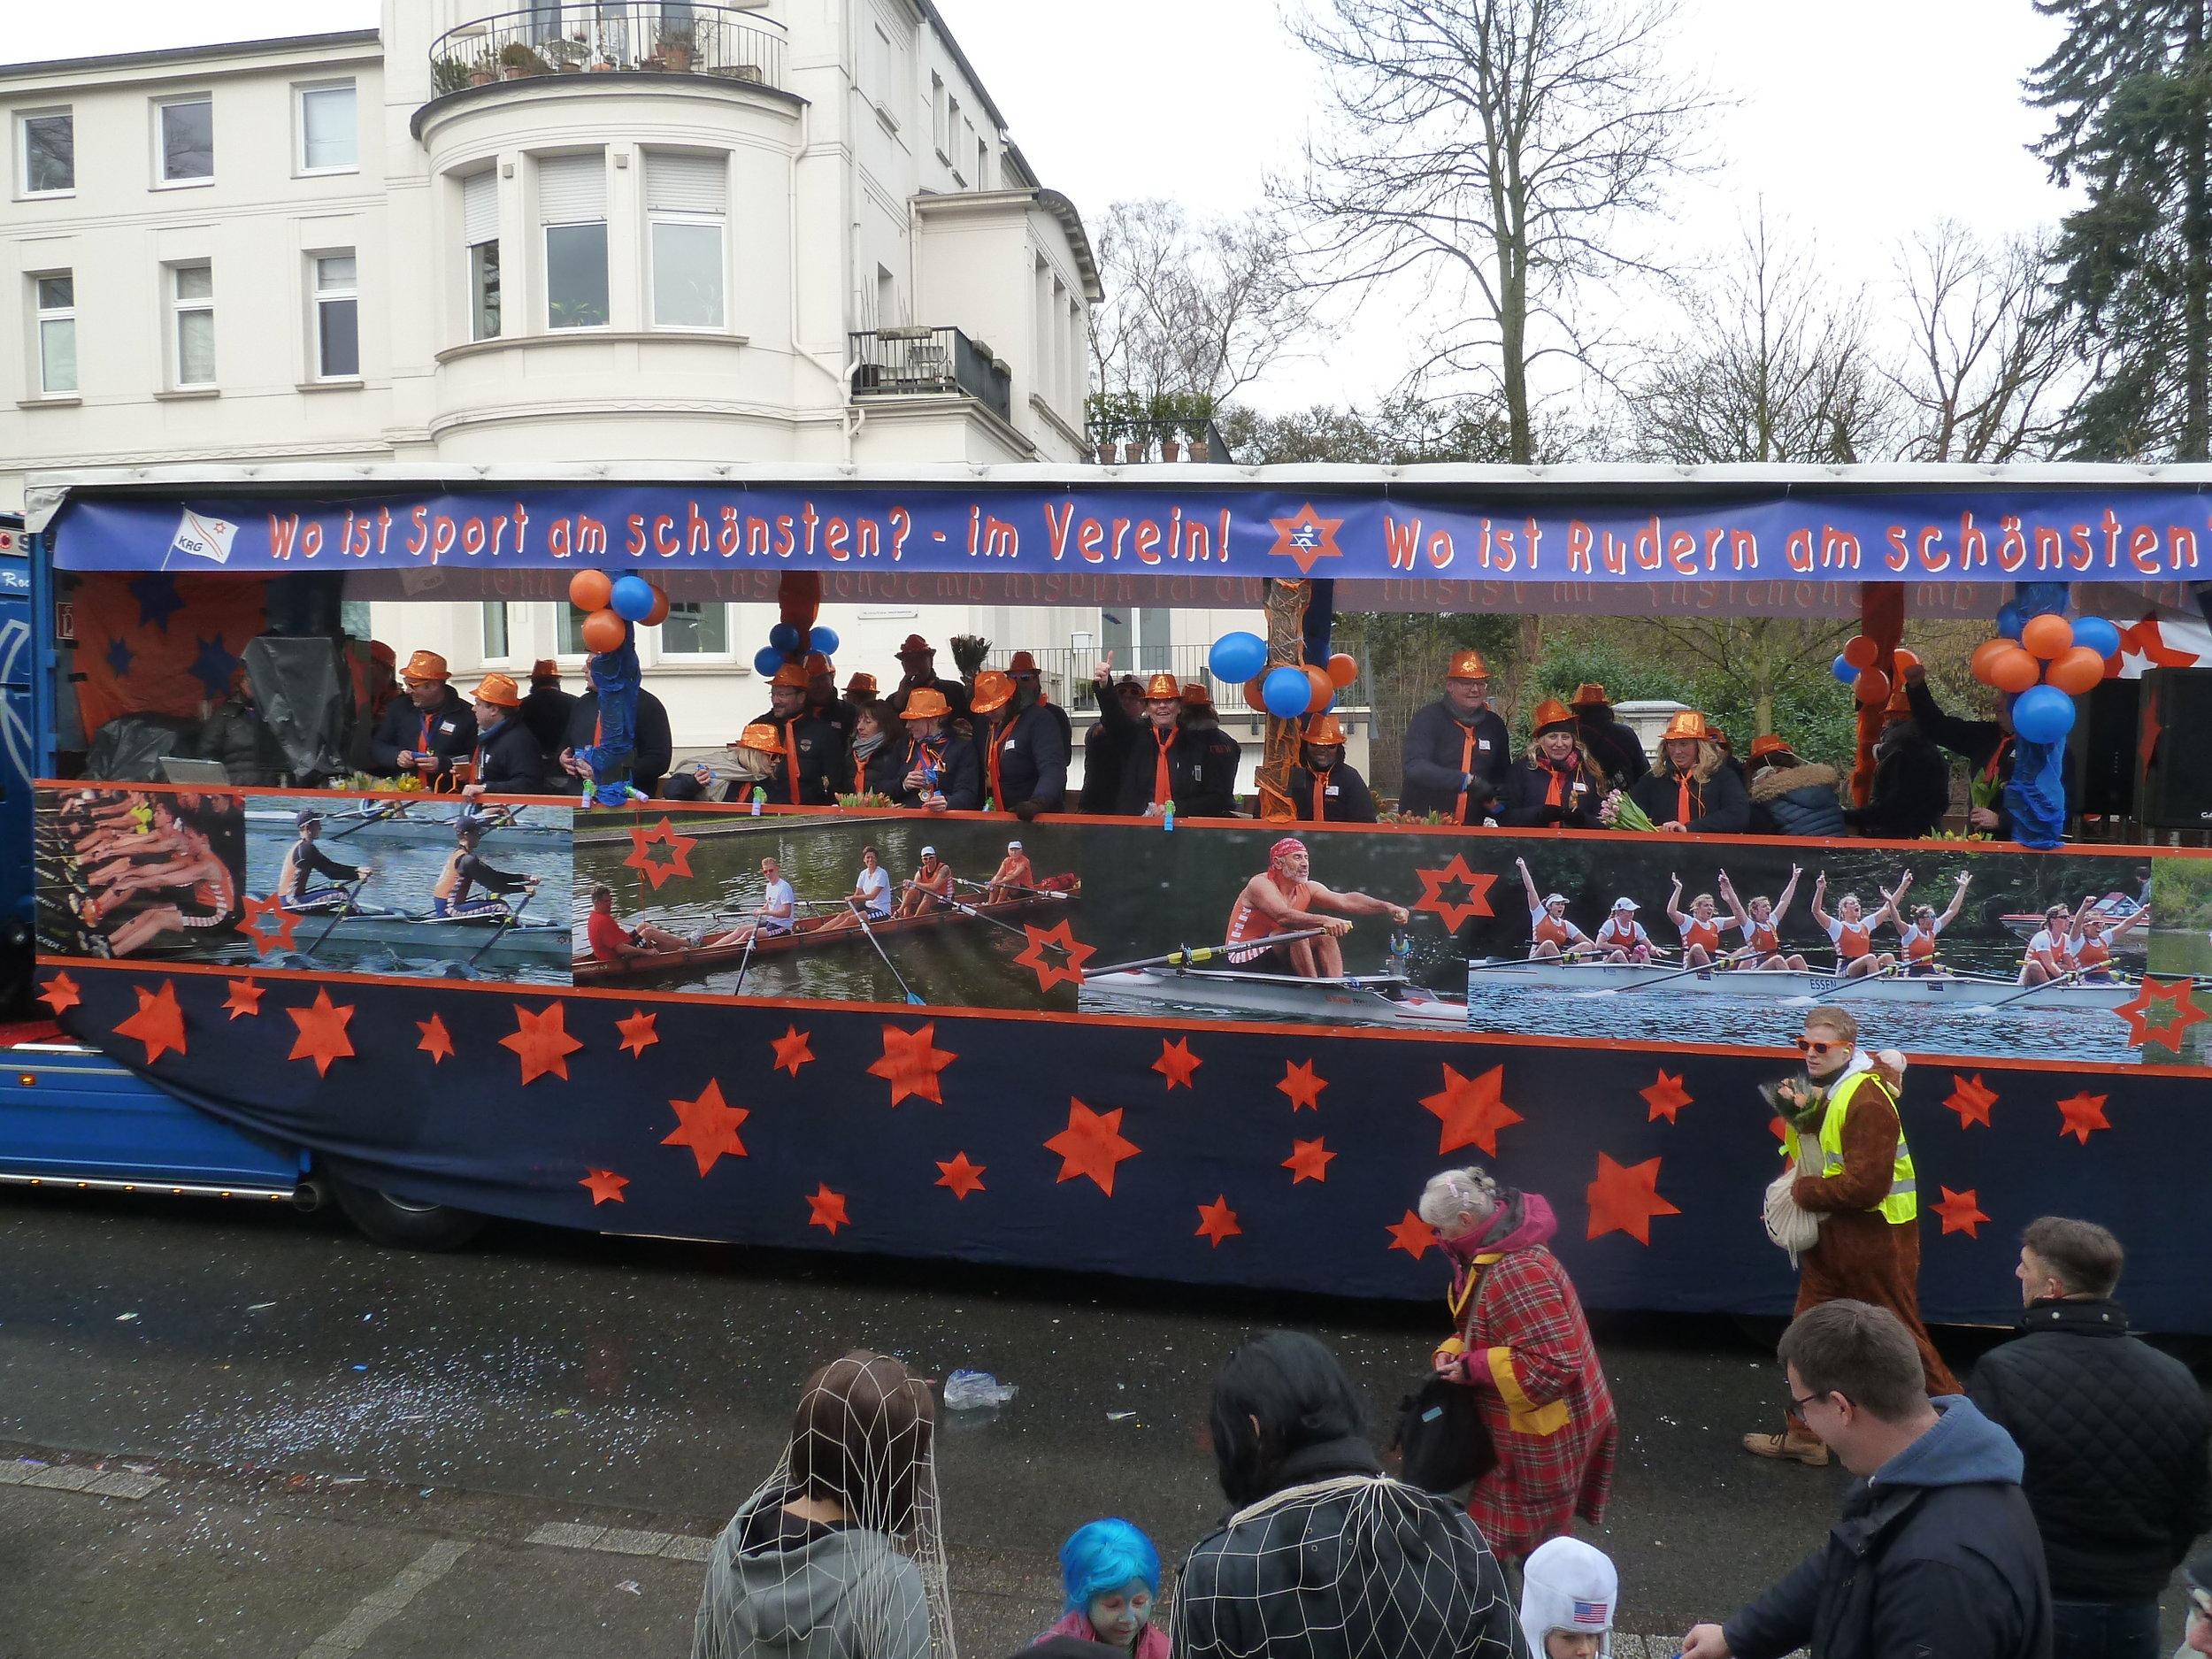 karnevalsumzug (66).jpg